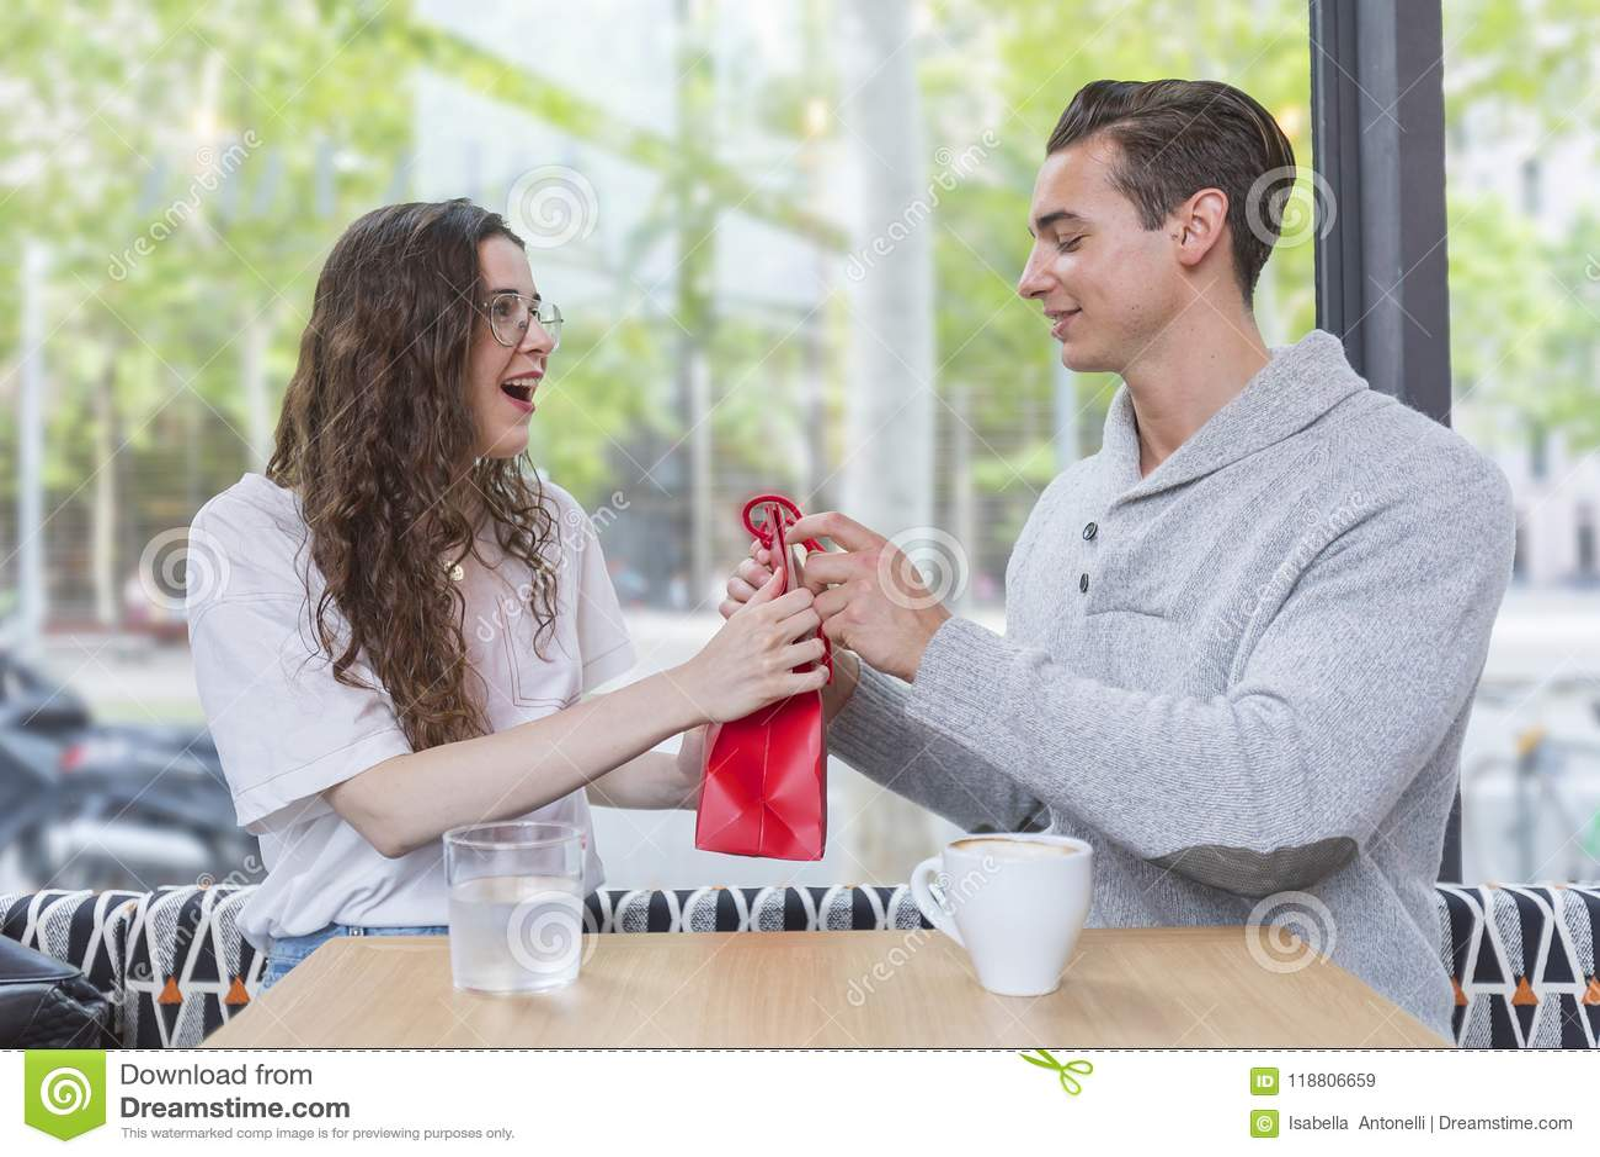 Glückliche junge Paare, die am Cafétisch mit einem Geschenk sitzen